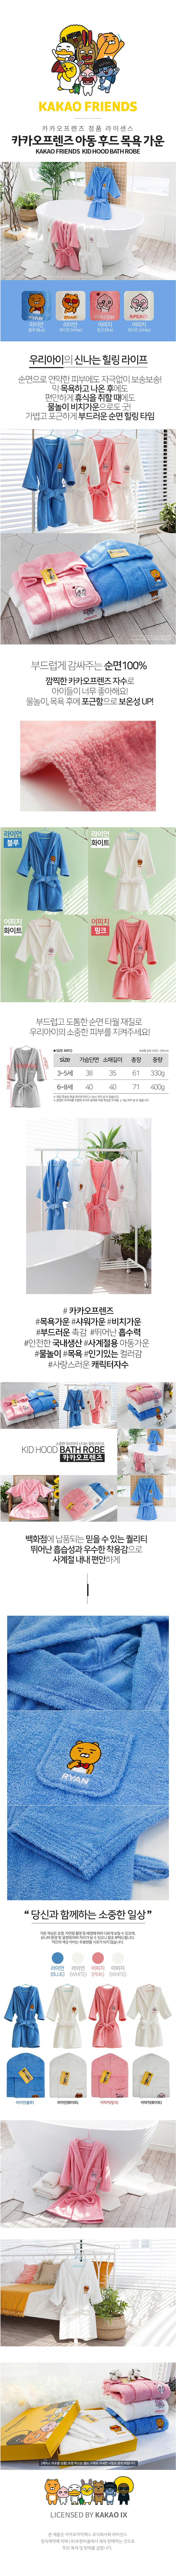 카카오프렌즈 아동 후드 목욕 가운 - 디자인에버, 36,000원, 목욕용품, 타월/가운